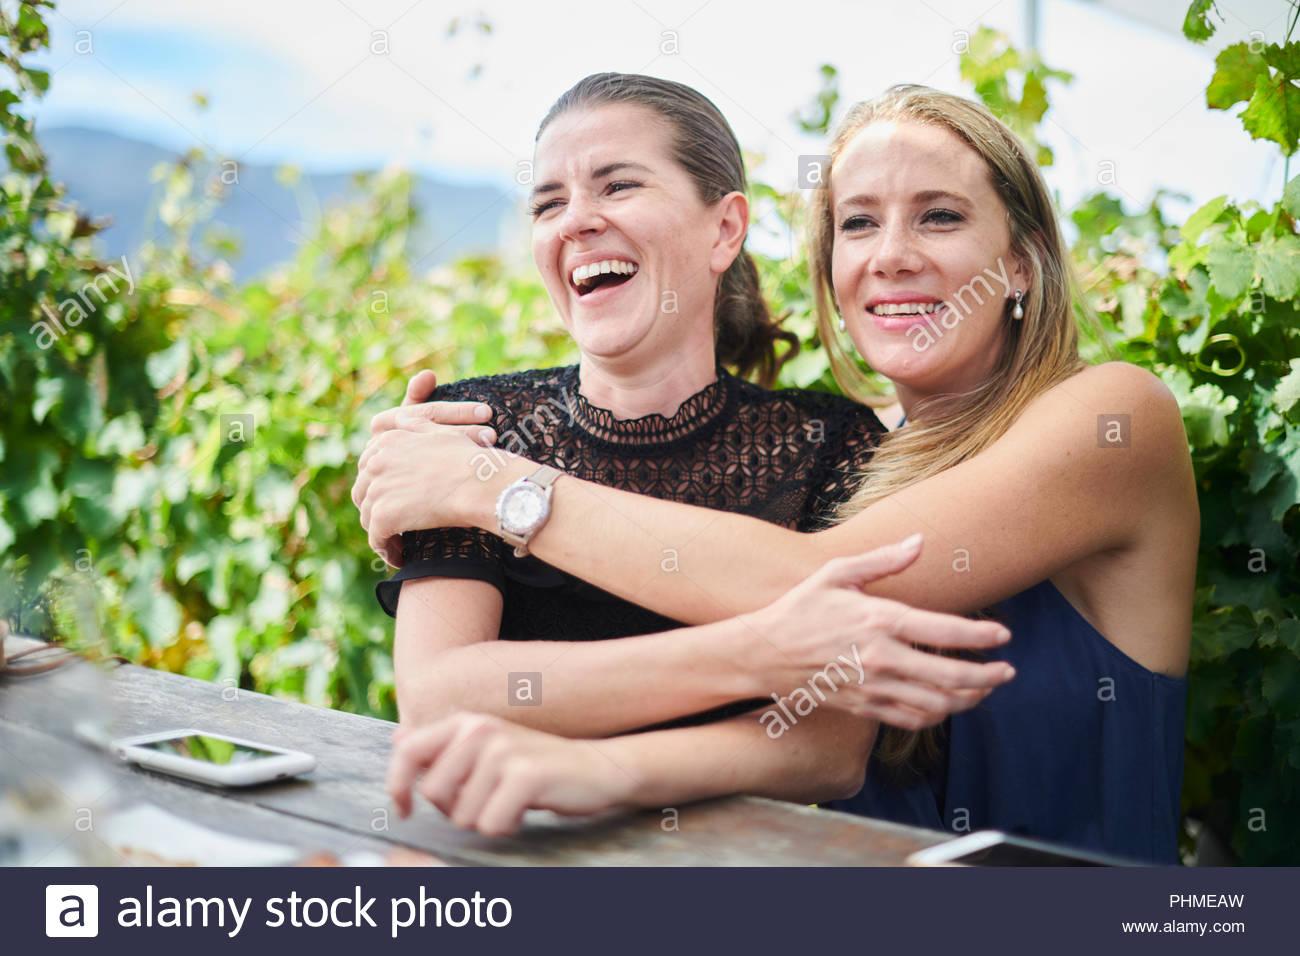 Amigos sonrientes abrazando a la hora del almuerzo Imagen De Stock